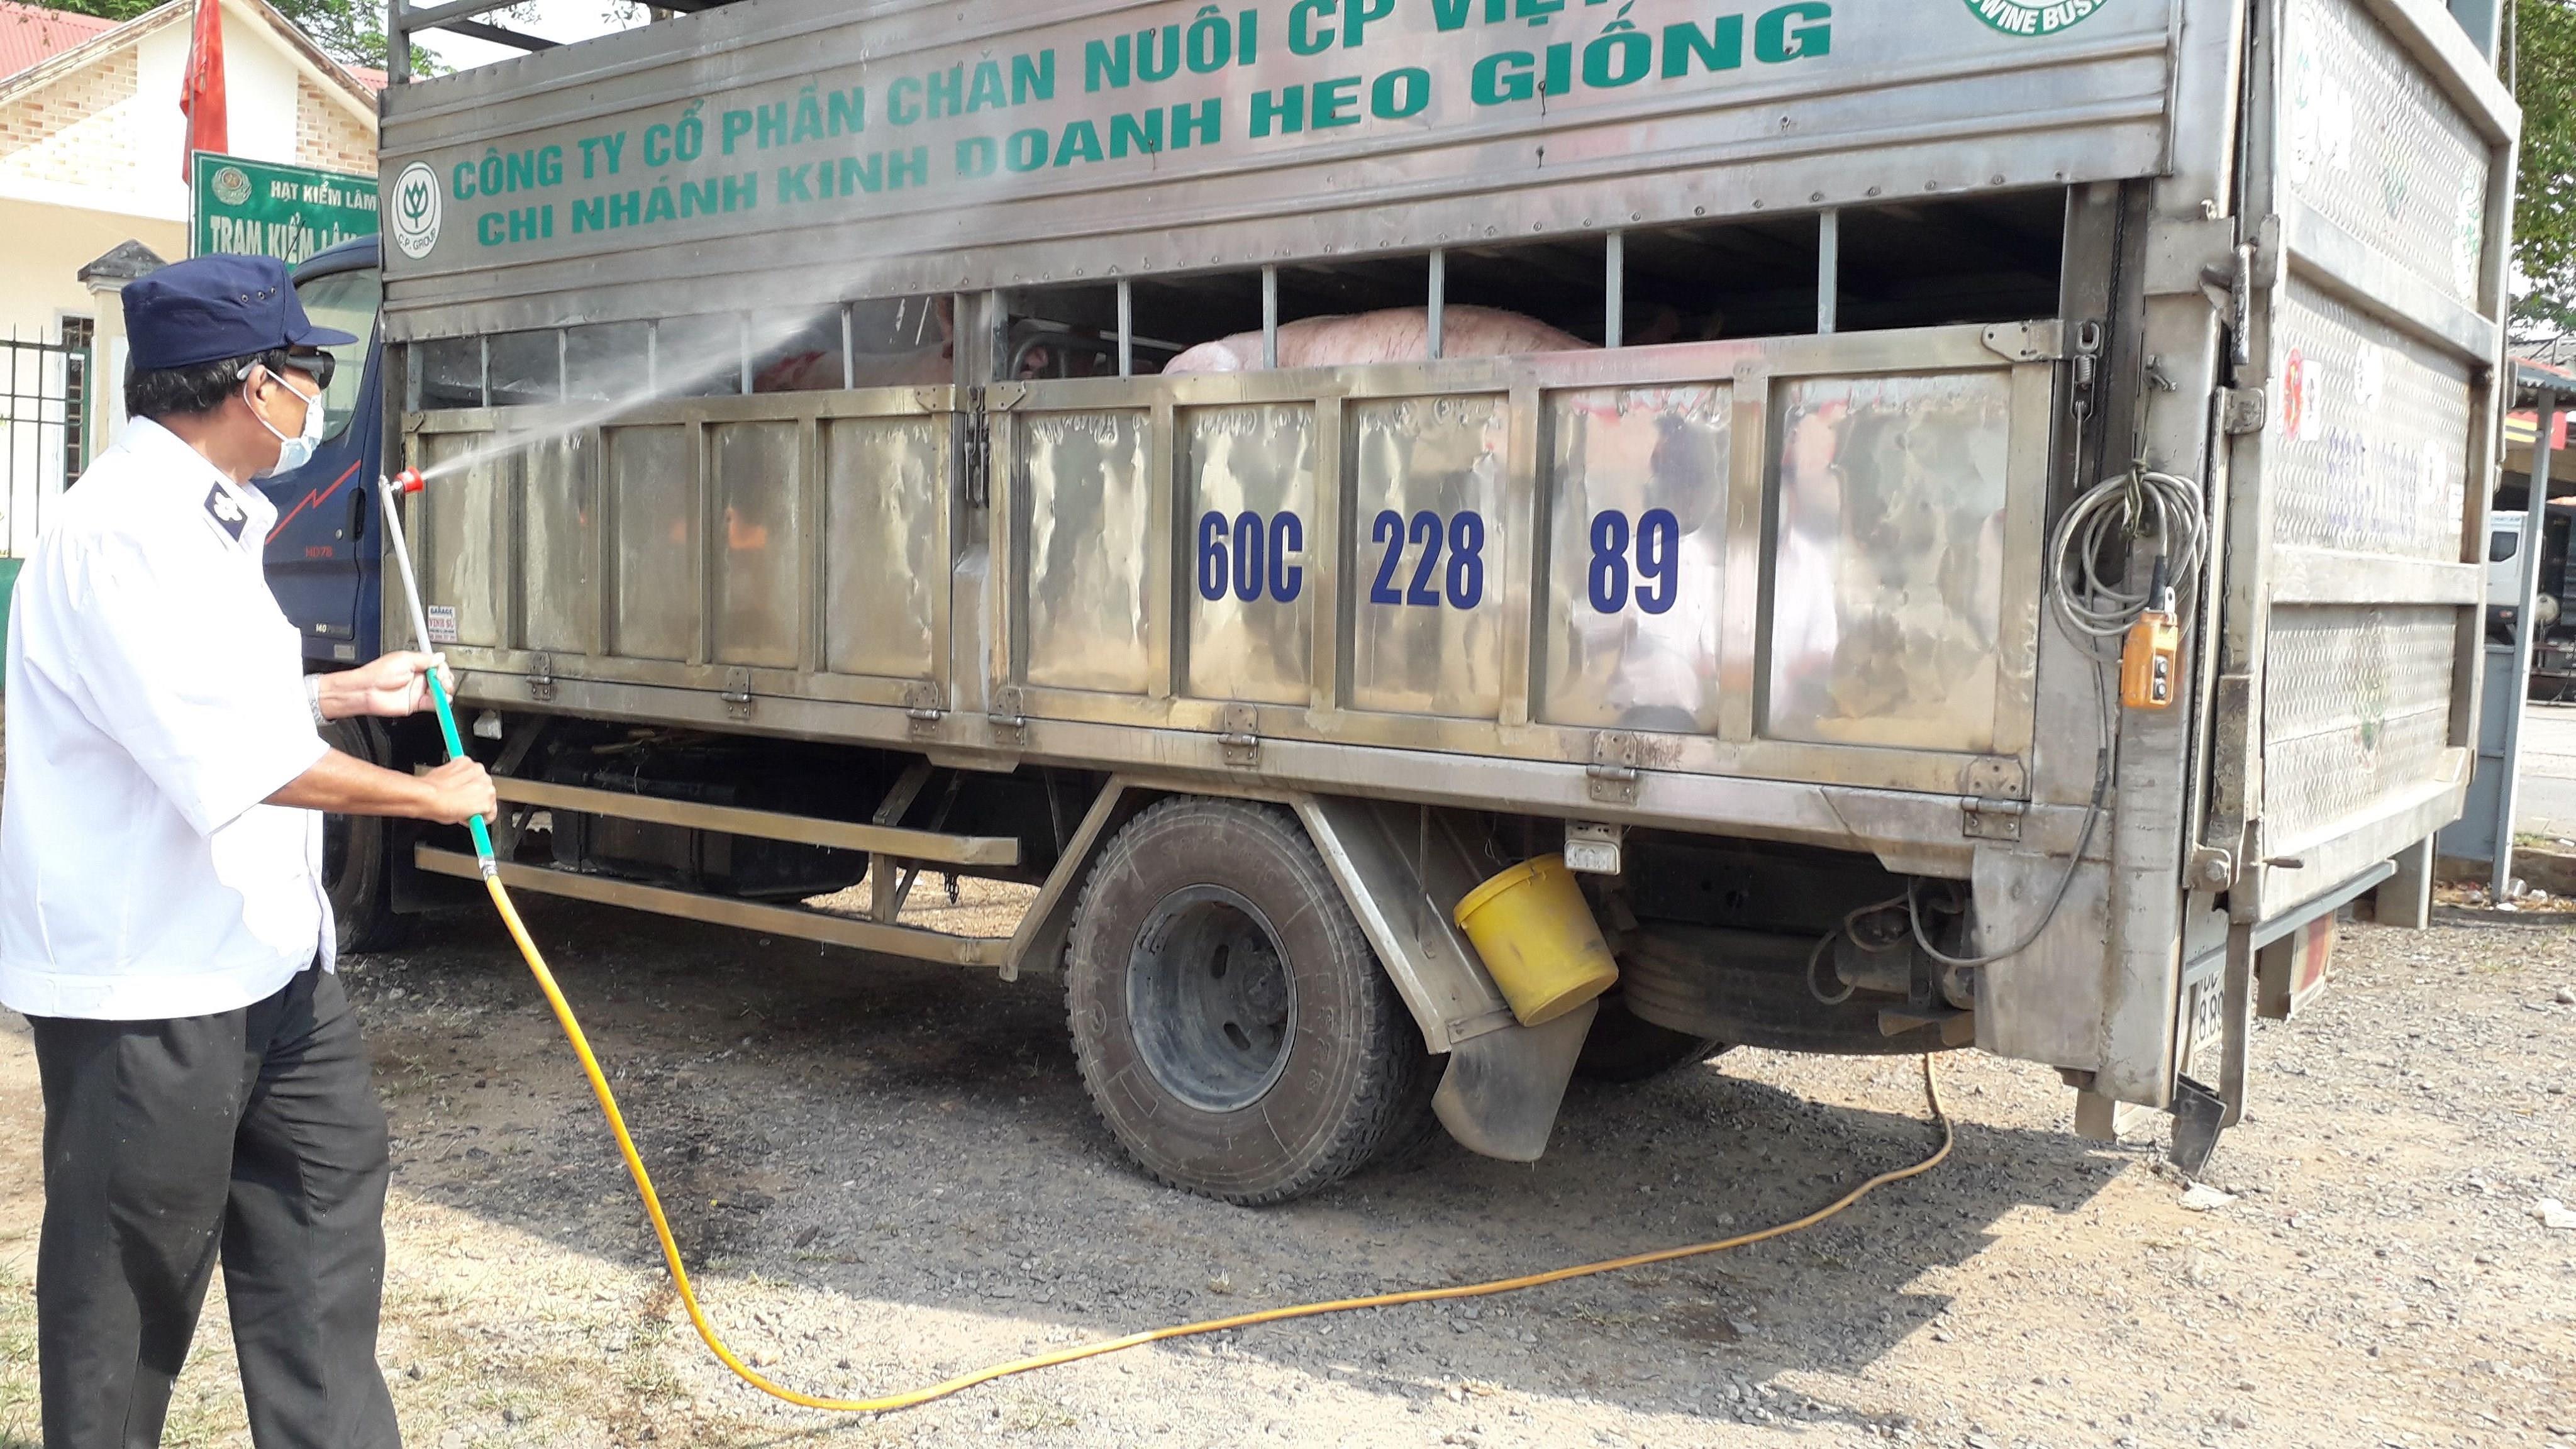 Nhiều hộ chăn nuôi nhỏ lẻ vẫn chủ quan trong việc phòng chống dịch tả heo châu Phi Ảnh 1